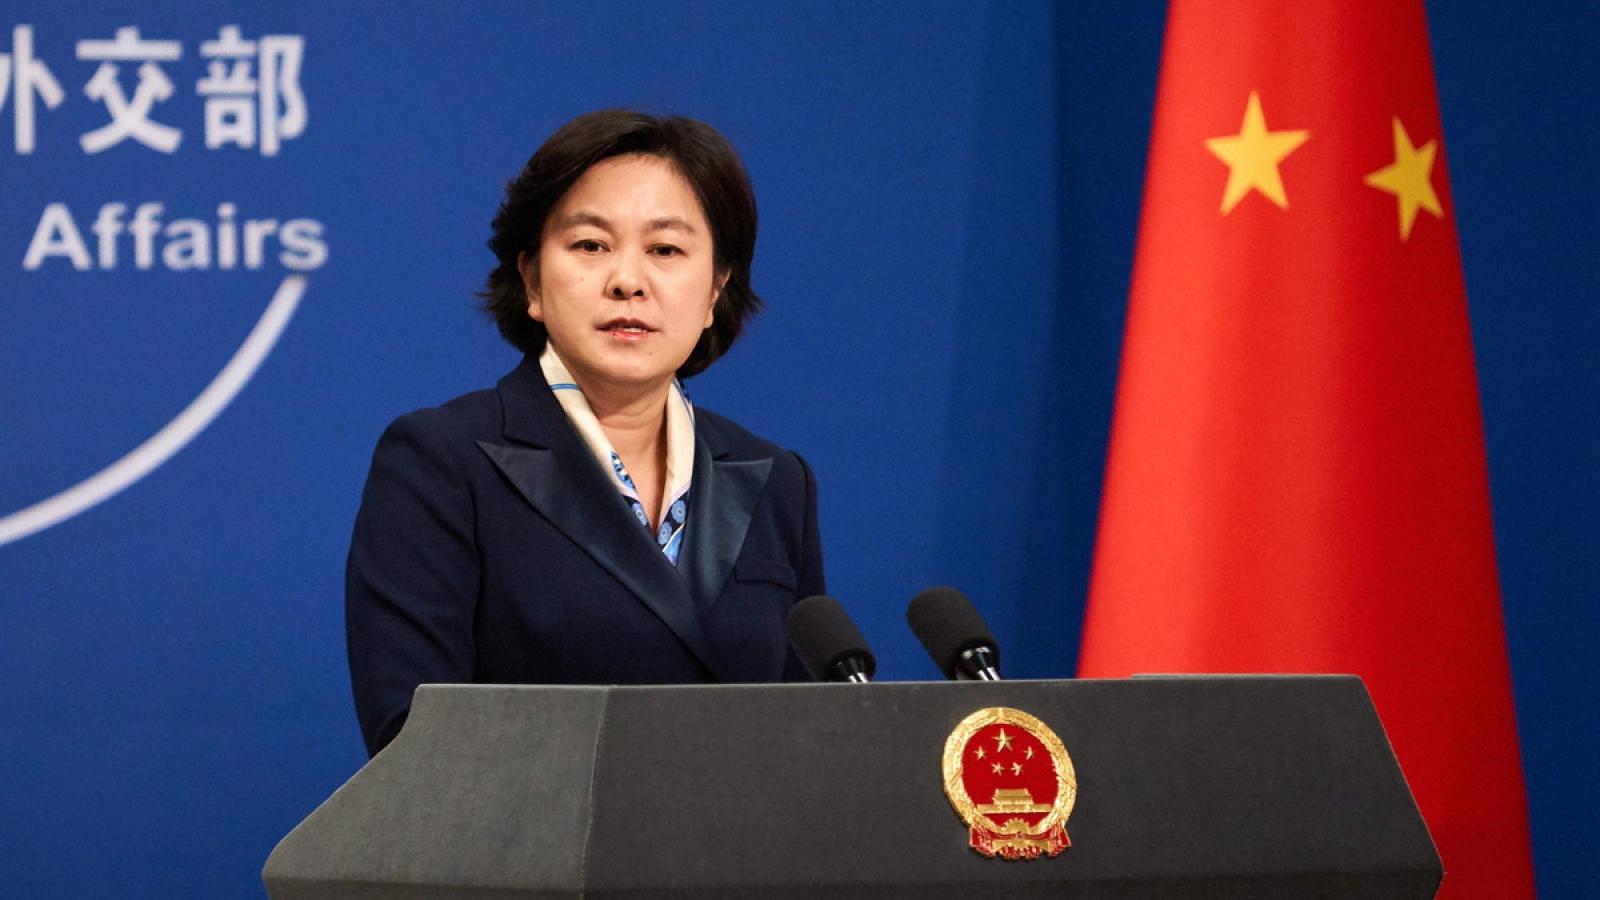 Trung Quốc trừng phạt 1 ủy ban và 4 cá nhân Mỹ về vấn đề Tân Cương